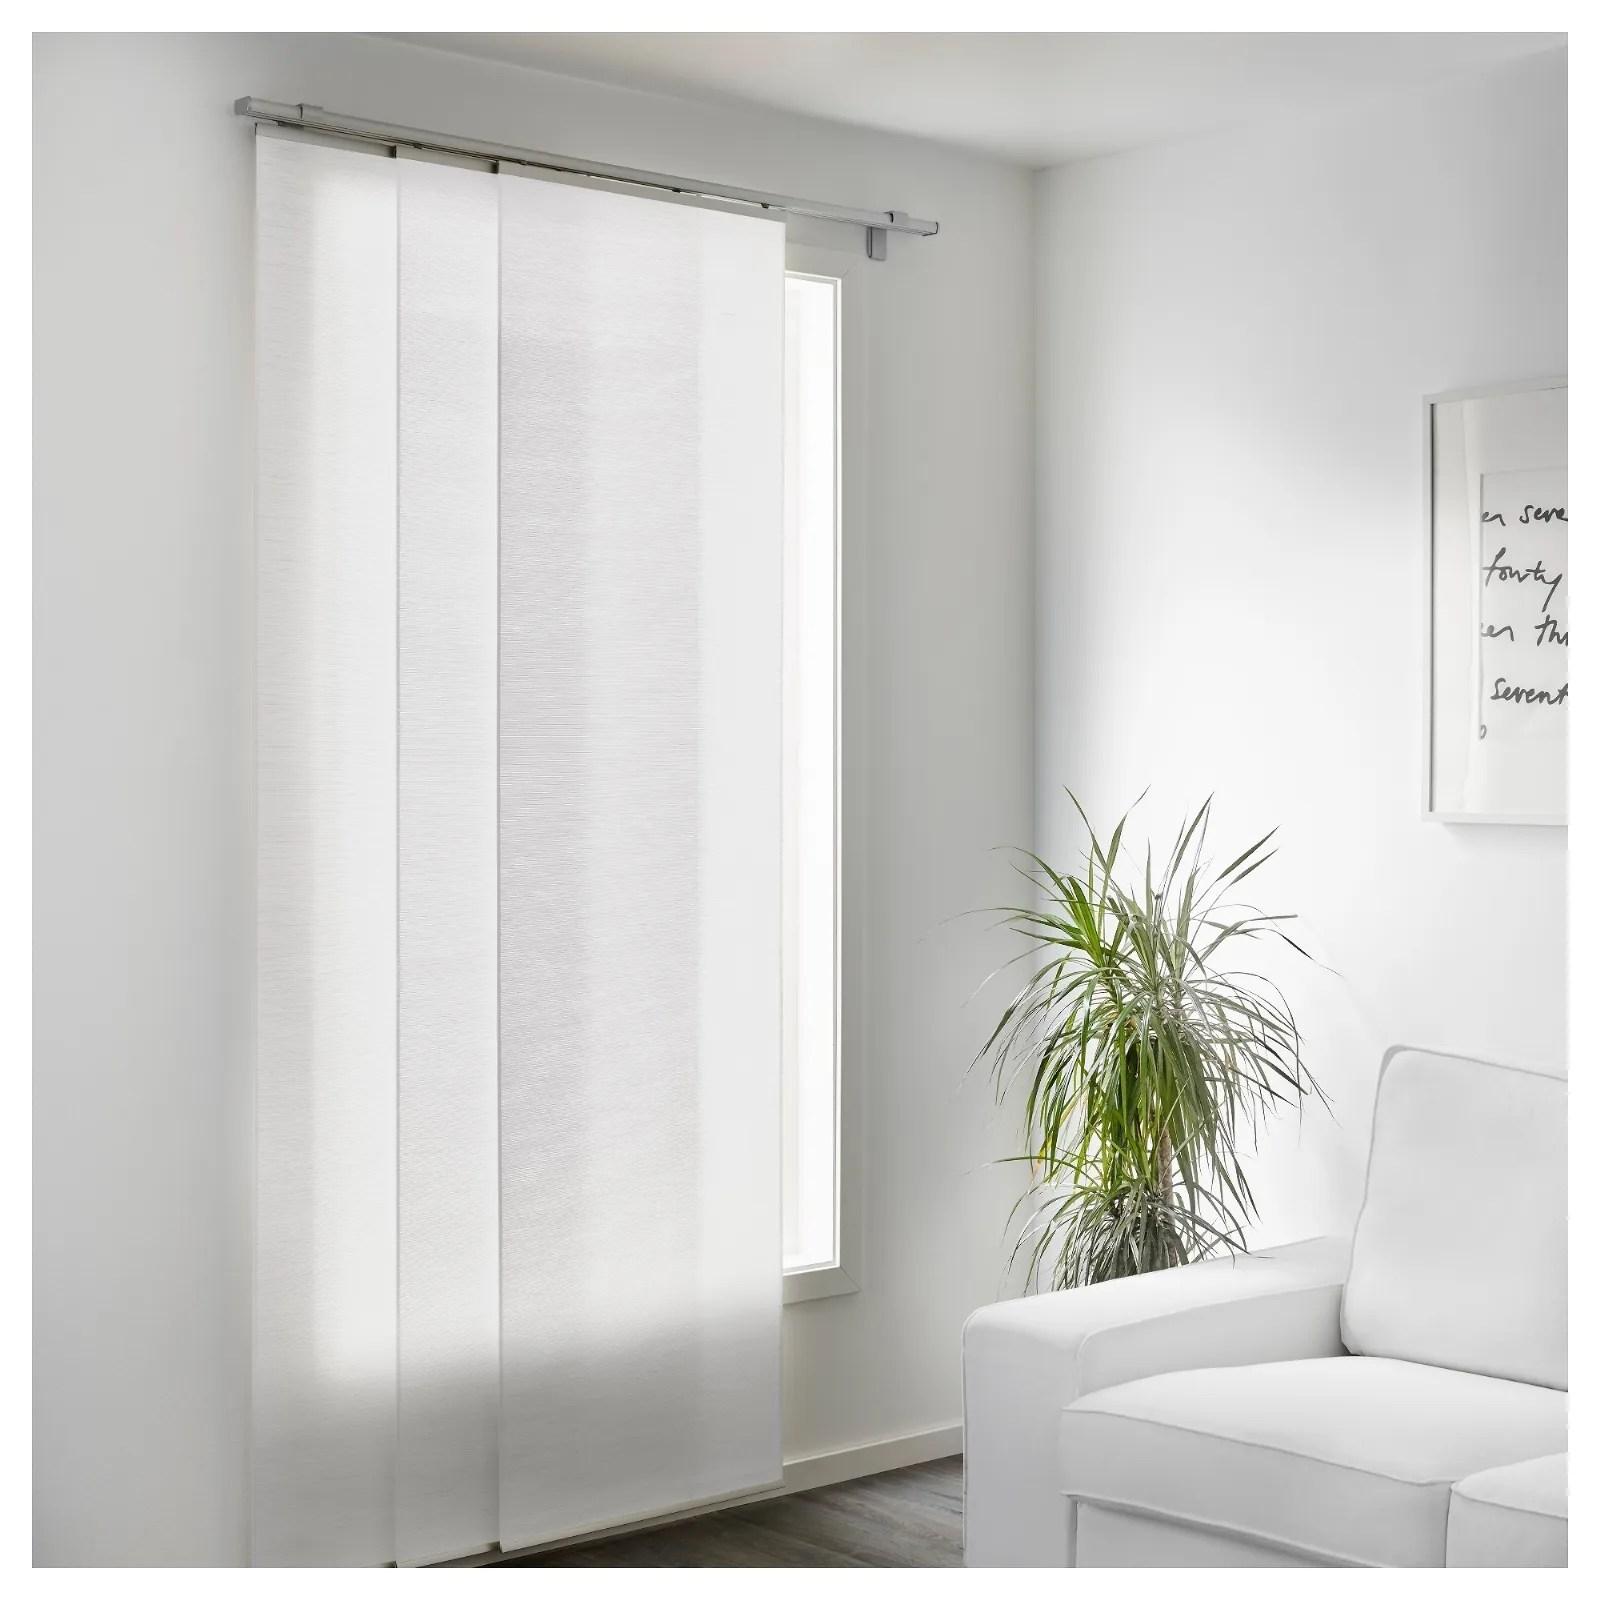 Le tende Ikea la versatilit di tessuti e tendaggi  Tende  Tende Ikea come rifare il look